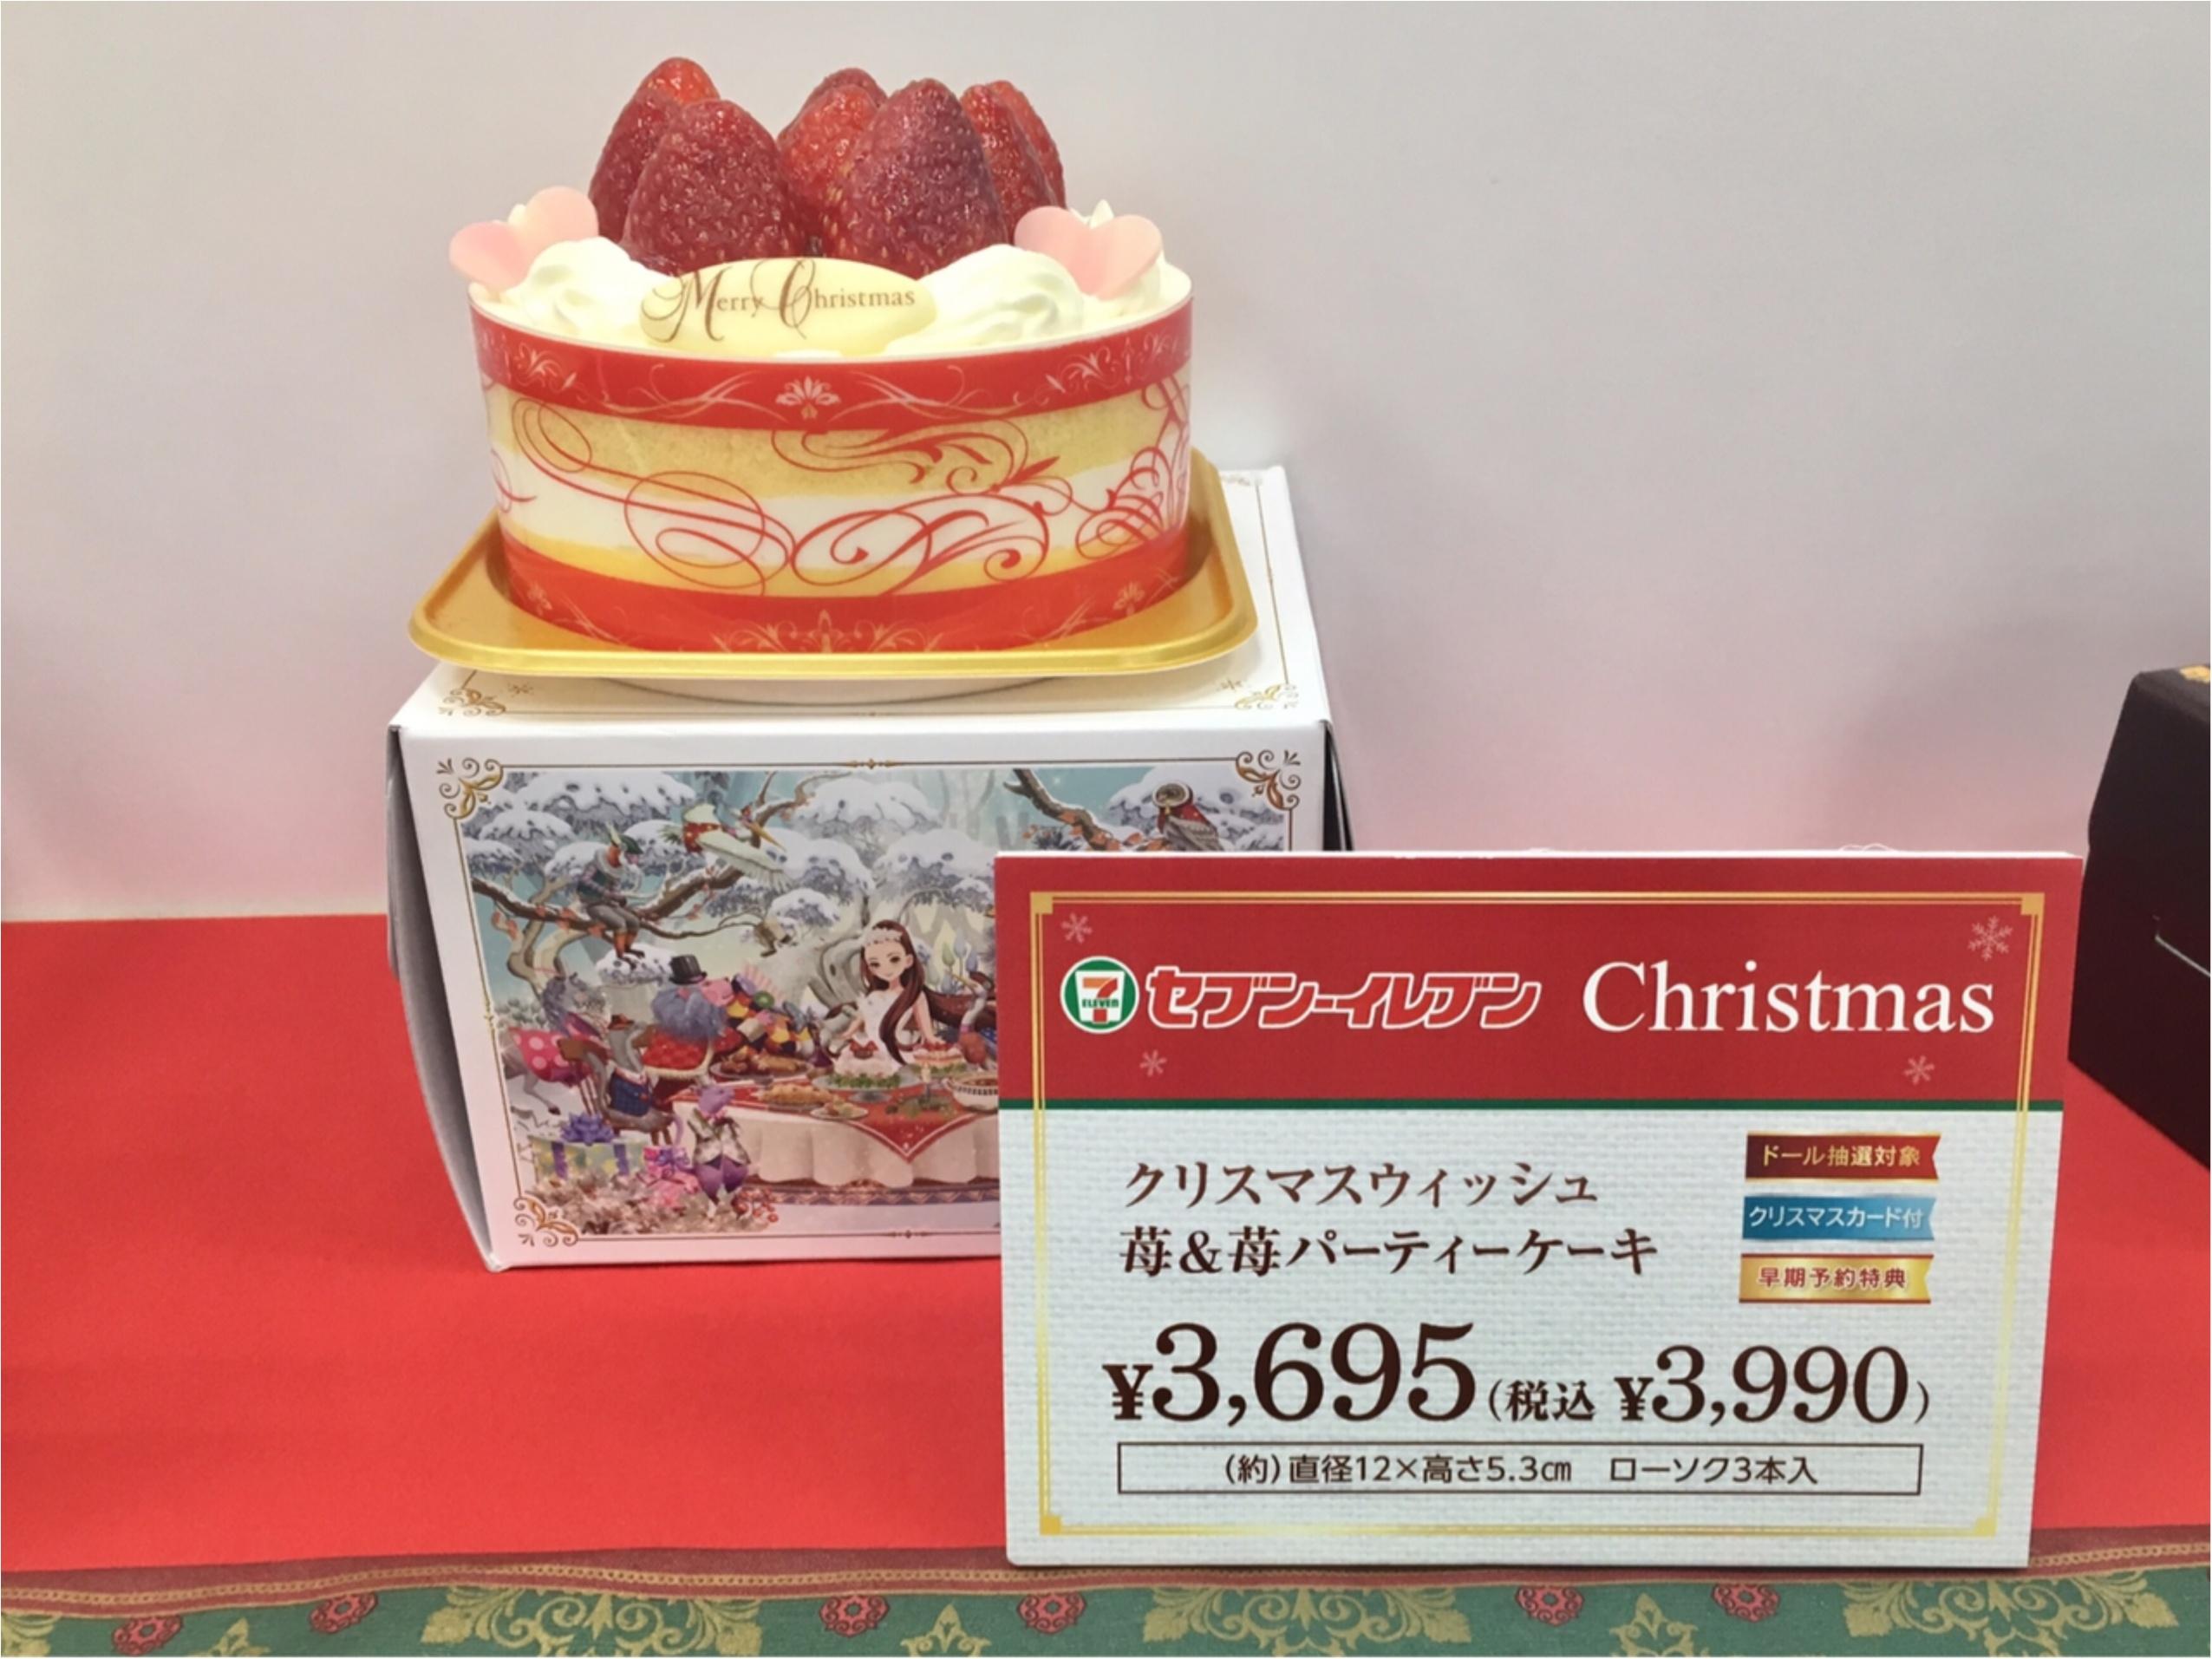 【セブンイレブン】いよいよクリスマス!ケーキどうする?試食会レポート_3